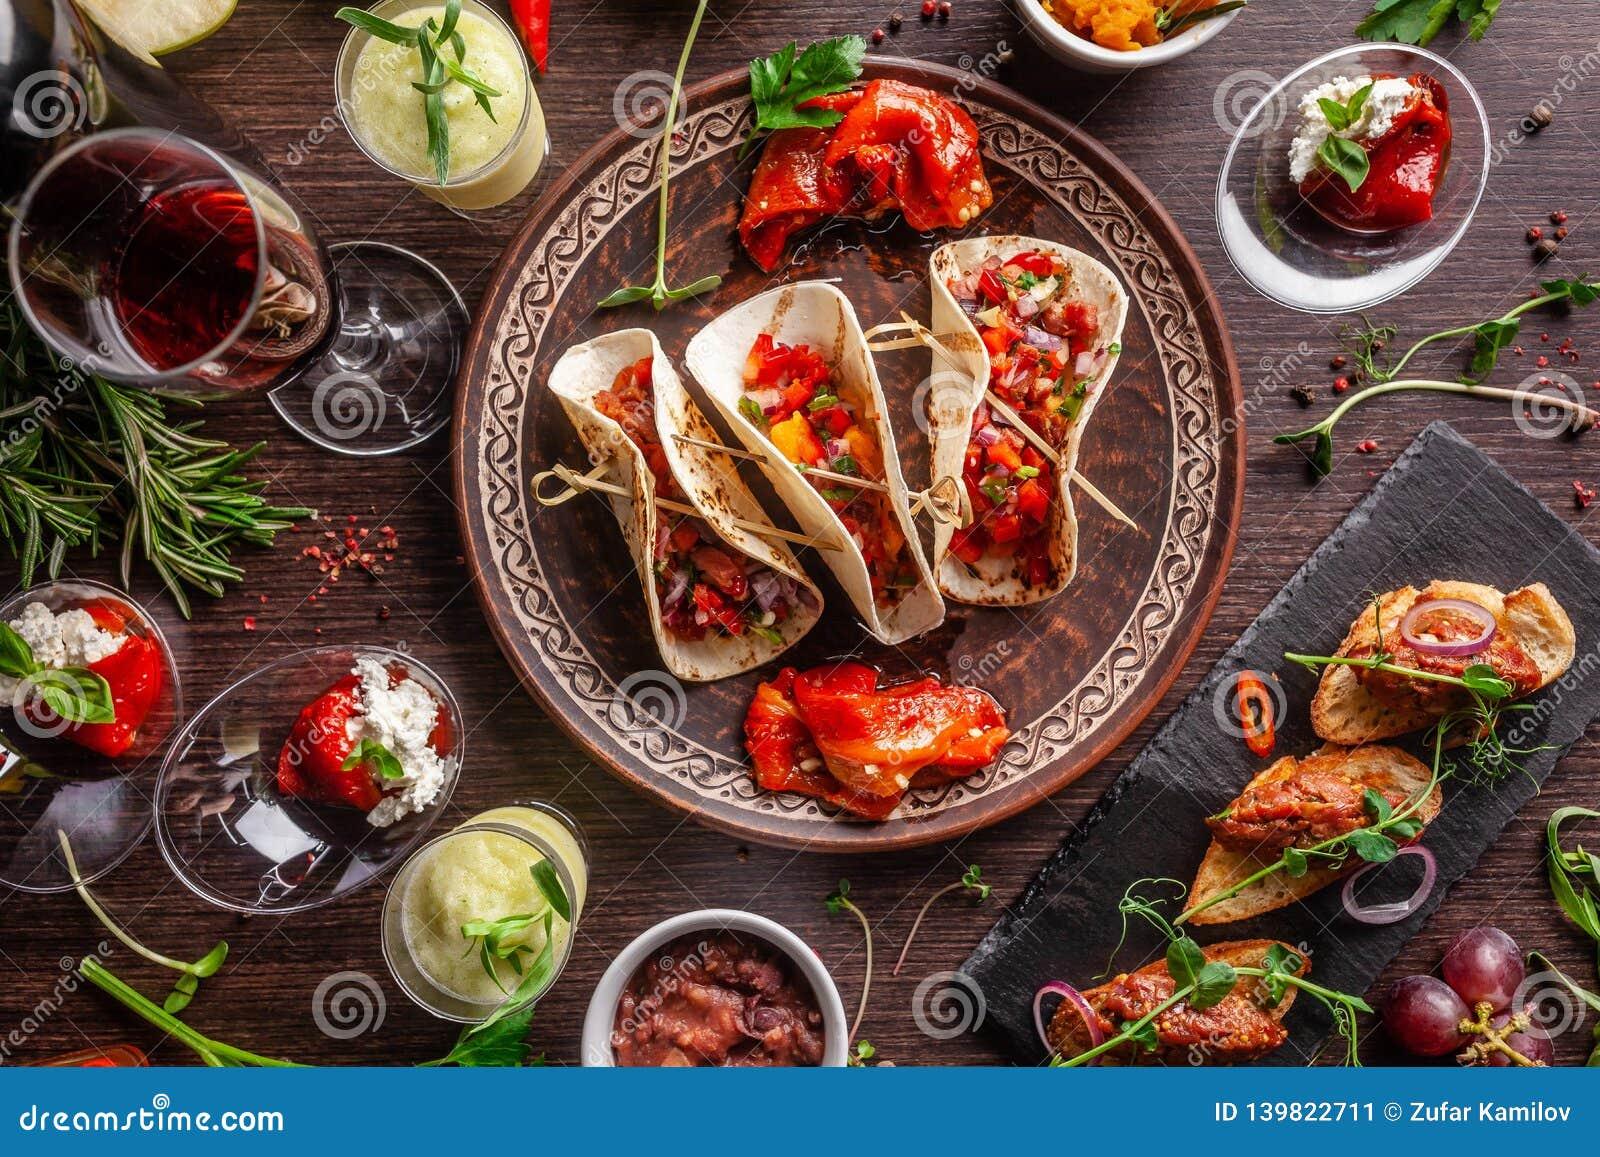 El concepto de cocina mexicana Comida y bocados mexicanos en una tabla de madera Taco, sorbete, tártaro, vidrio y botella de vino